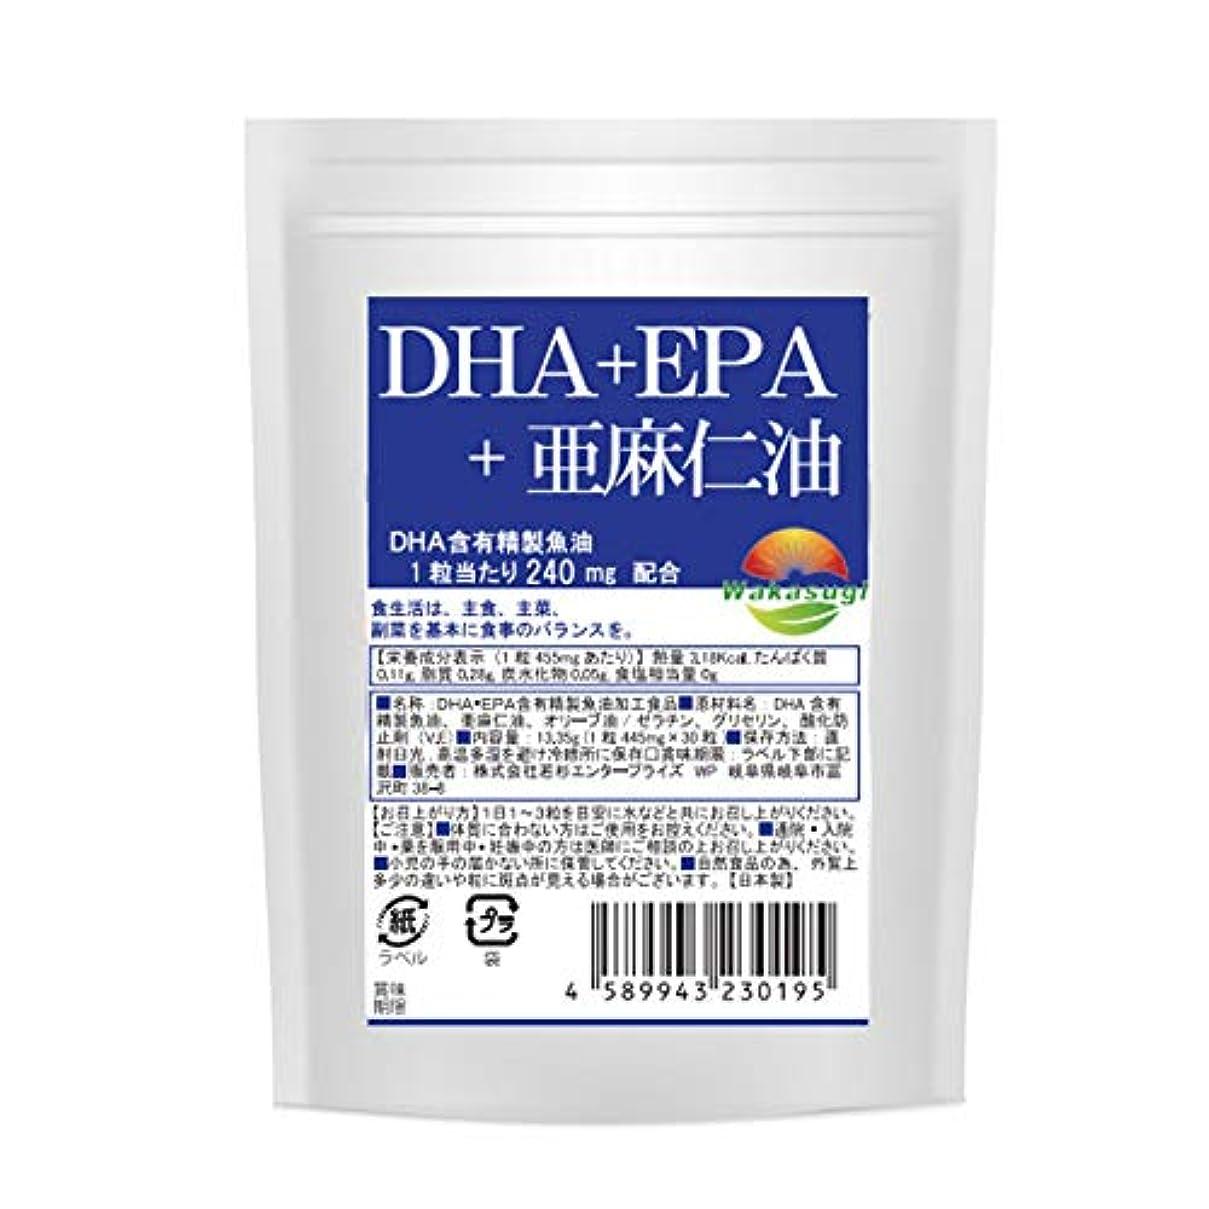 東方ソファー汚れる【BigSize】DHA+EPA+亜麻仁油 生カプセル 大容量180粒